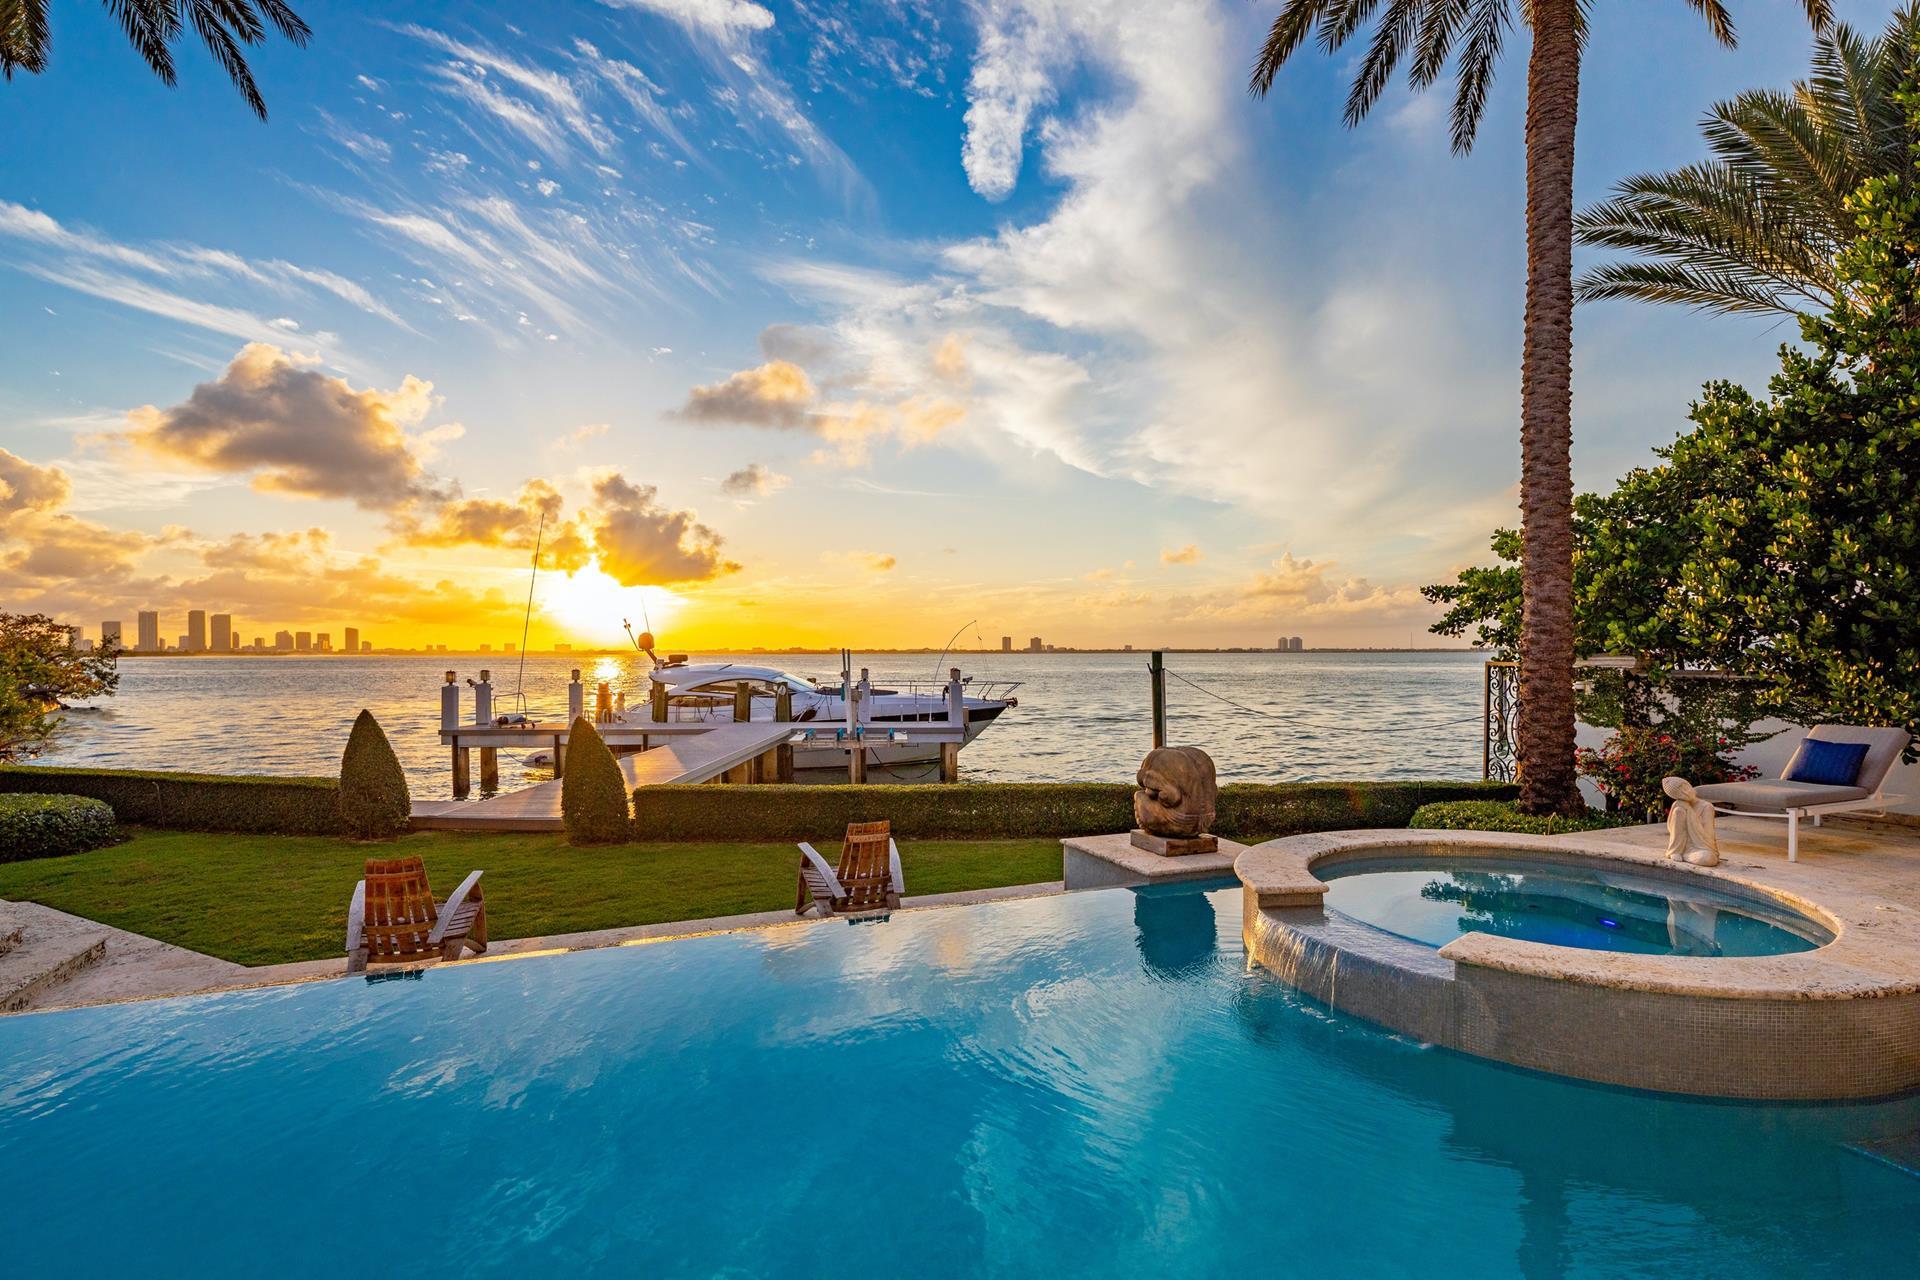 4330 N Bay Rd - Miami Beach, Florida